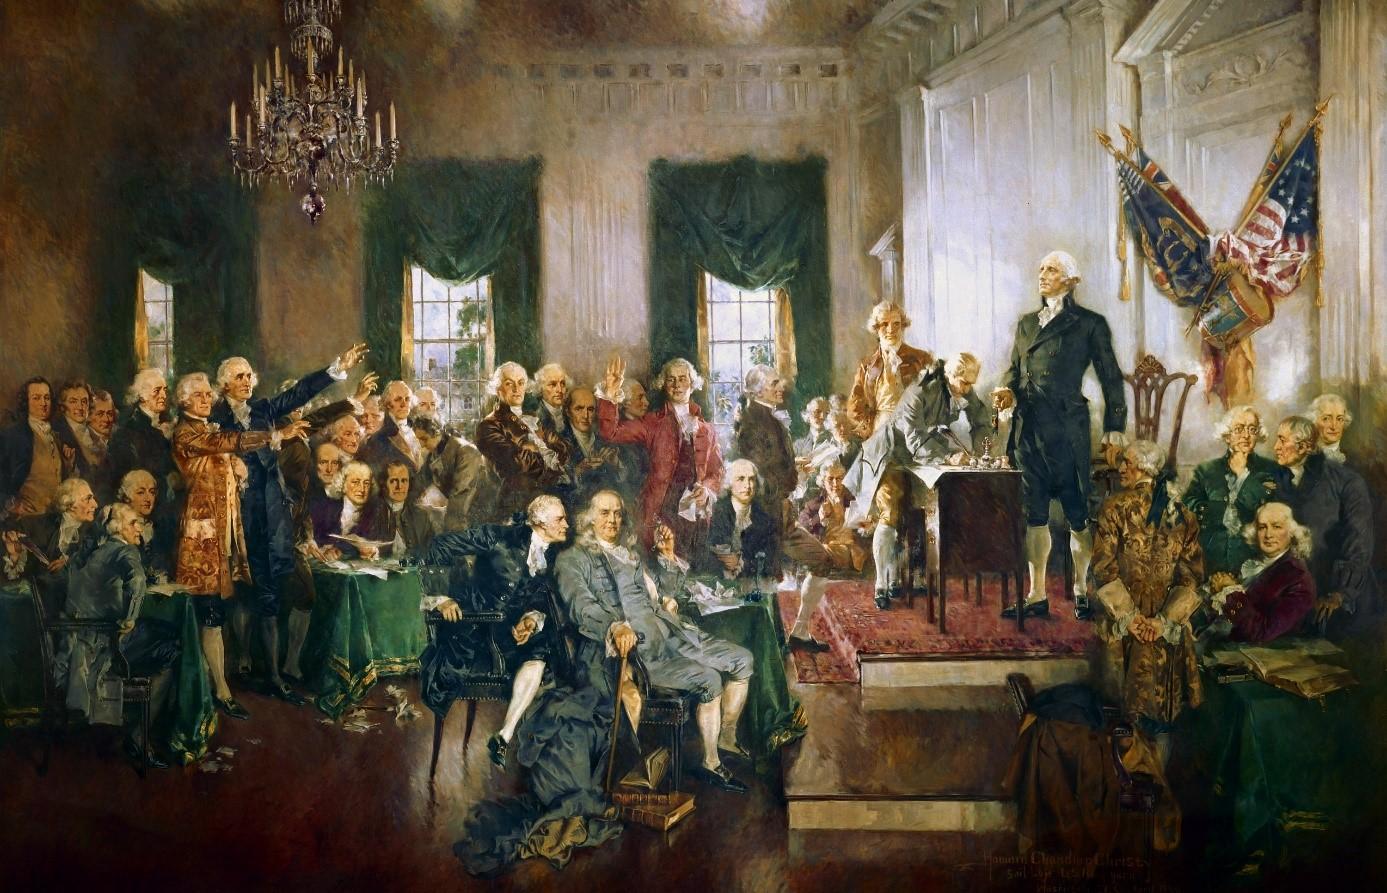 A cunvenzione di Filadelfia duv'ella hè stata dibattuta a Custituzione